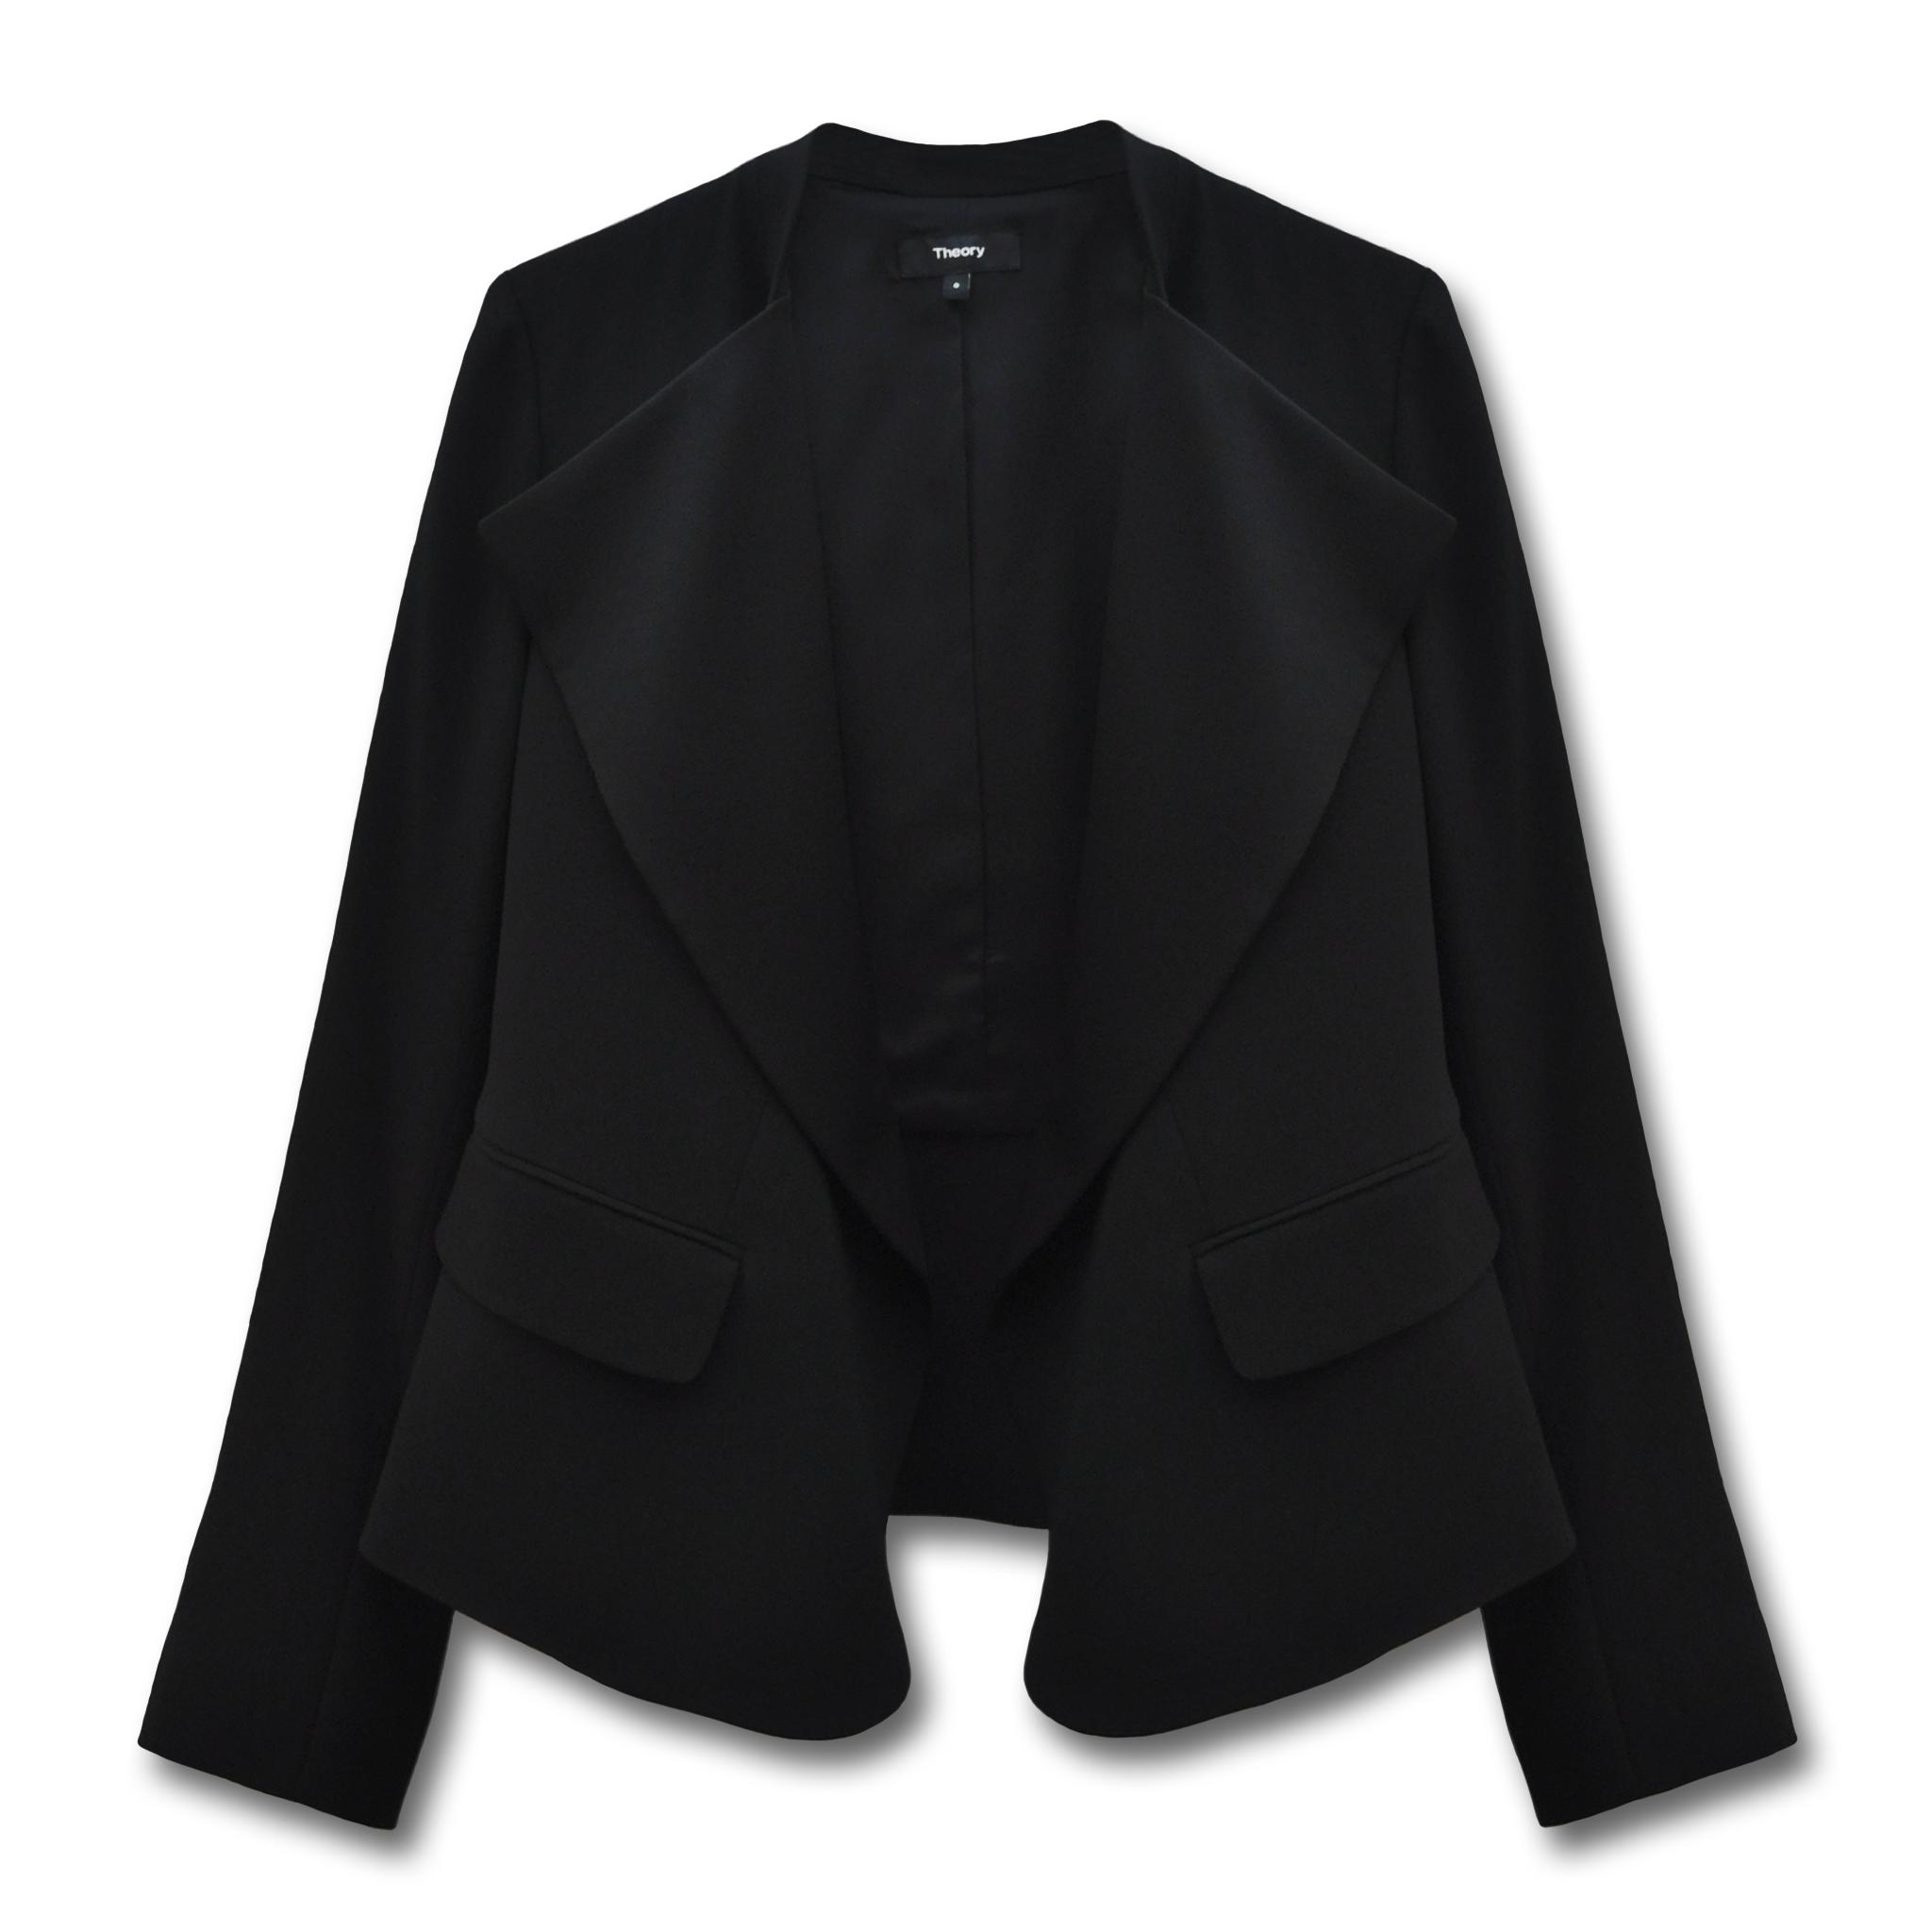 THEORY ショートジャケット| 0